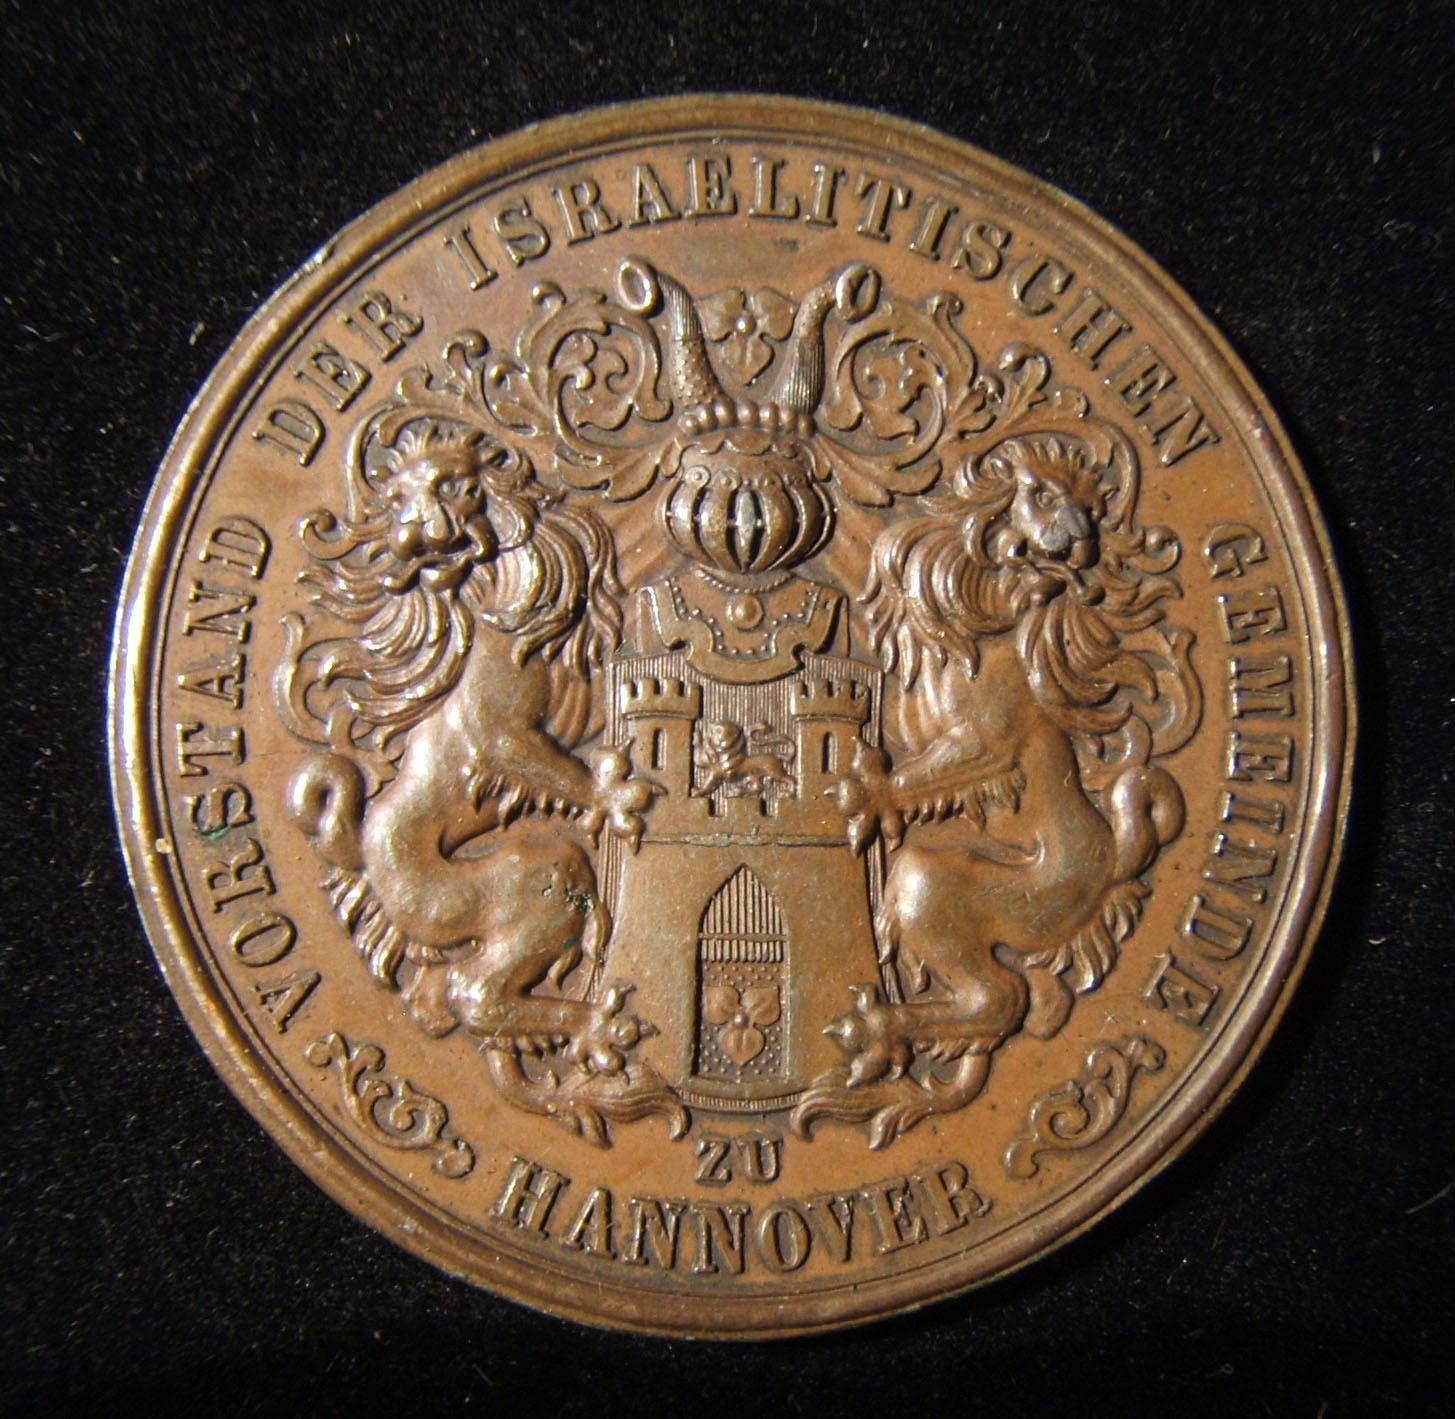 ברונזה גרמניה מדליית יודאיקה של מועצת הקהילה היהודית הנובר 1870-80